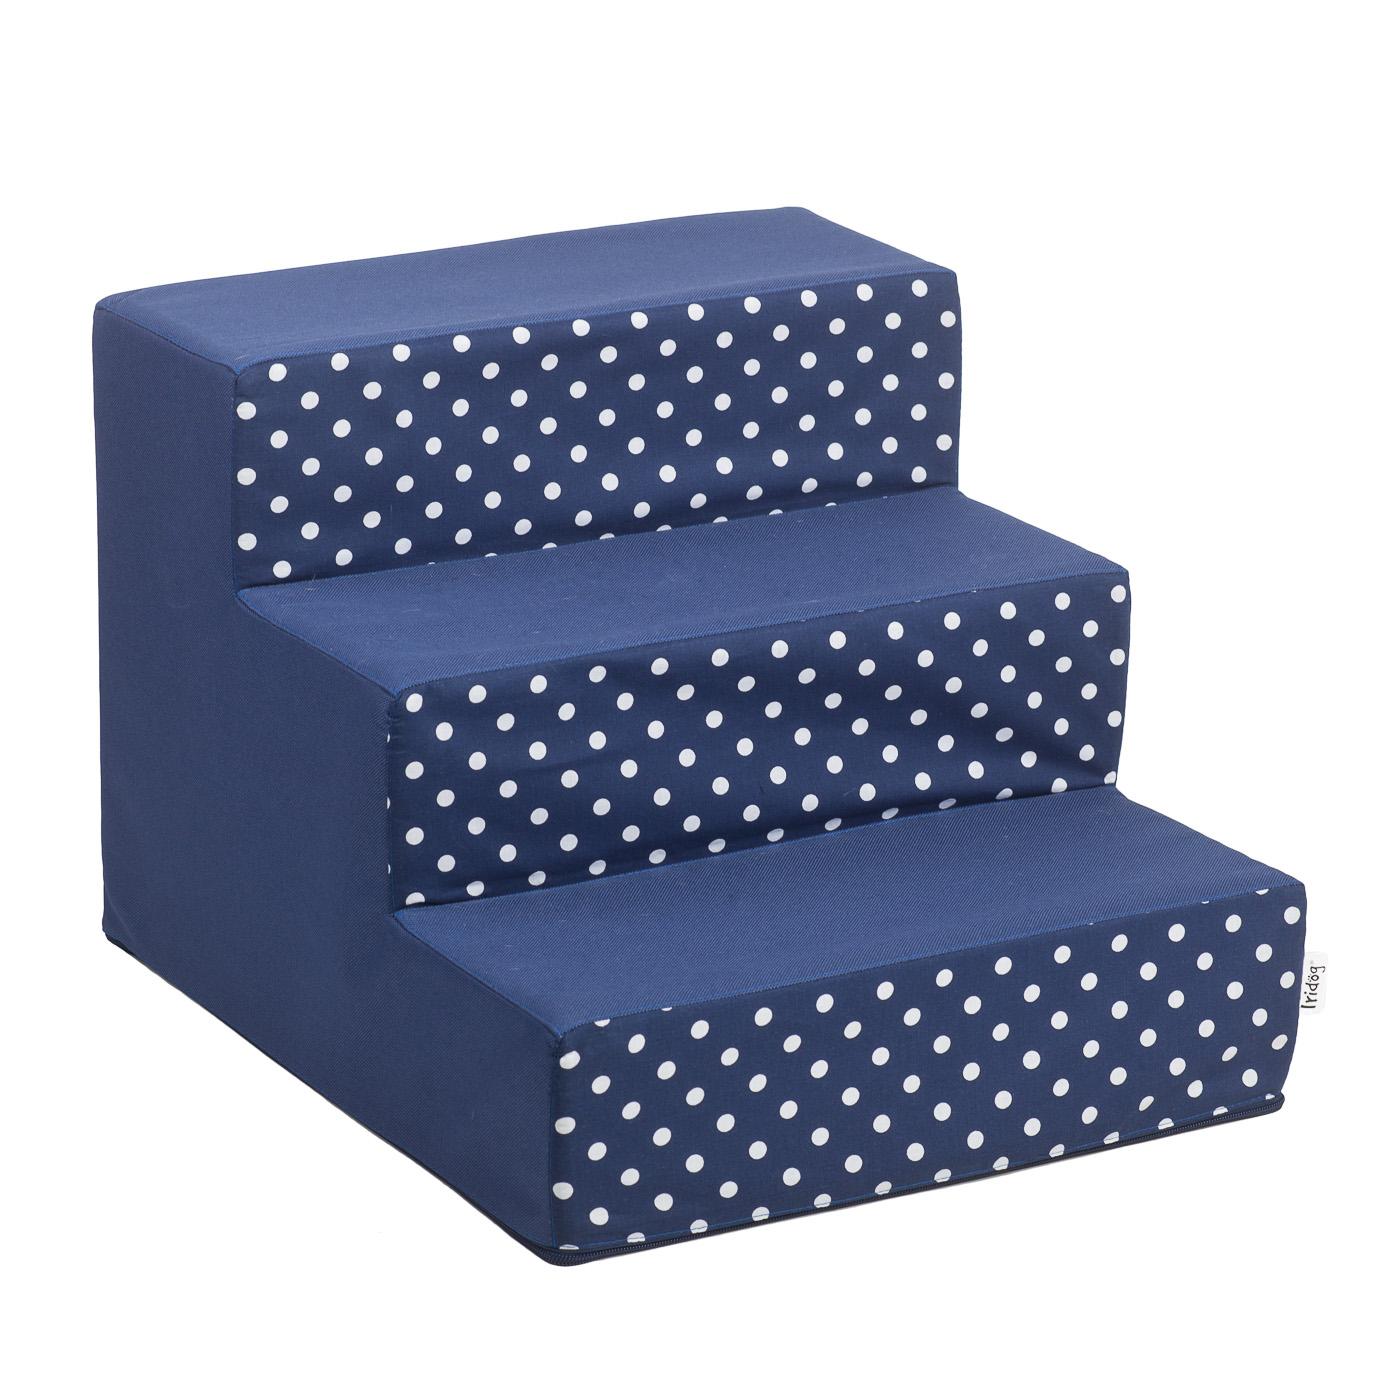 Schody pro psy, no. 30, modrá s puntíky, 2 velké